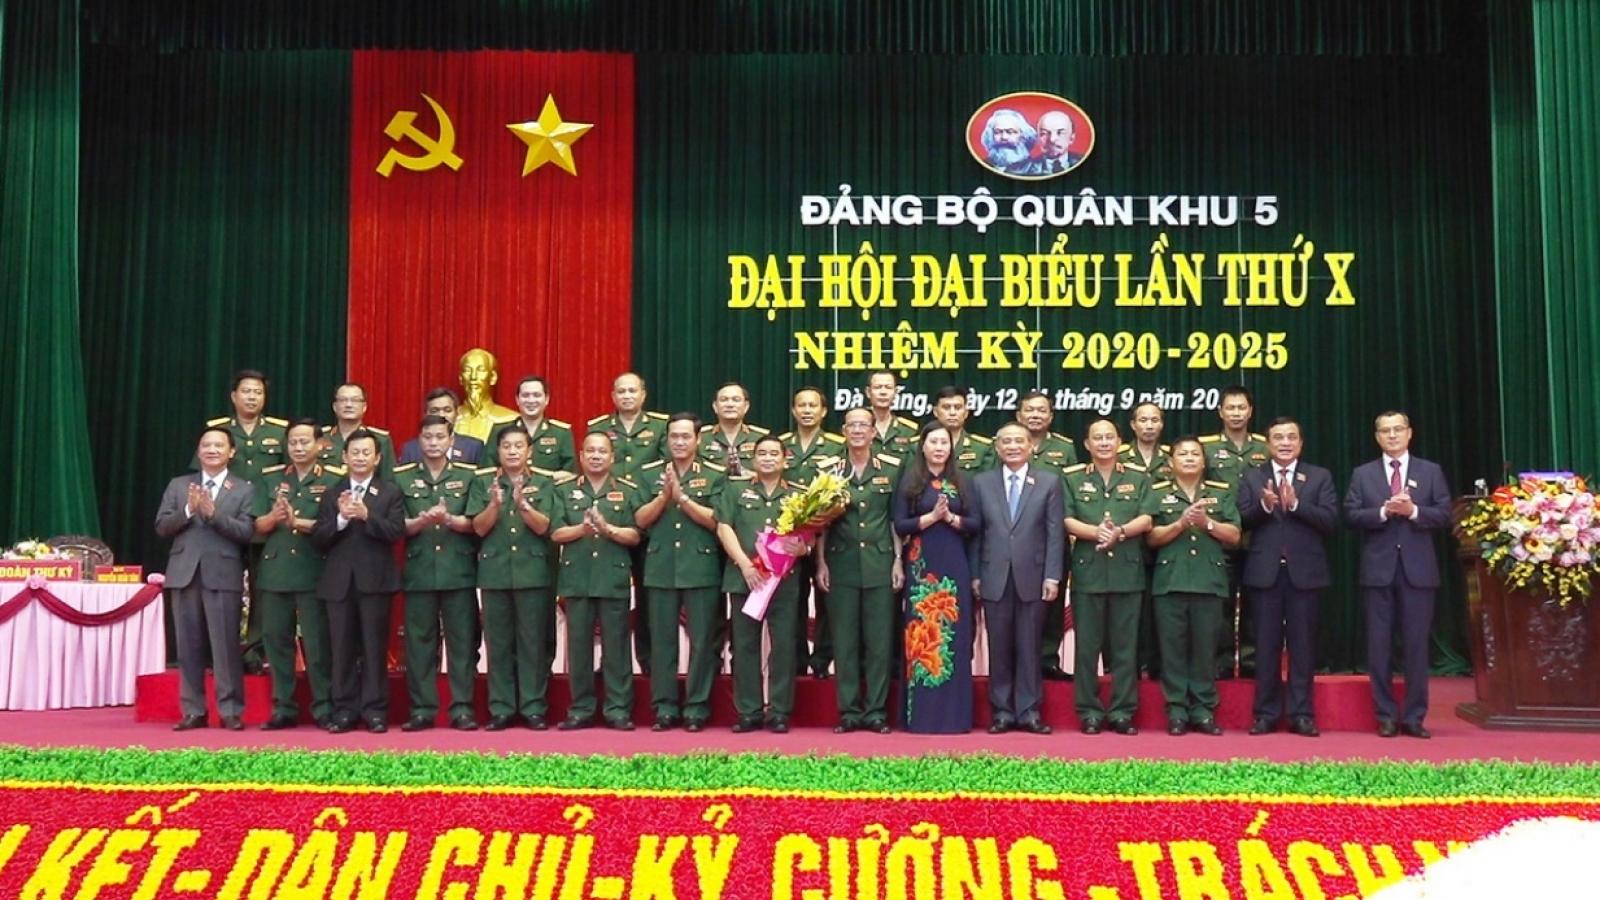 Trung tướng Trịnh Đình Thạch, Chính ủy Quân khu 5tái đắc cử Bí thư Đảng ủy Quân khu 5